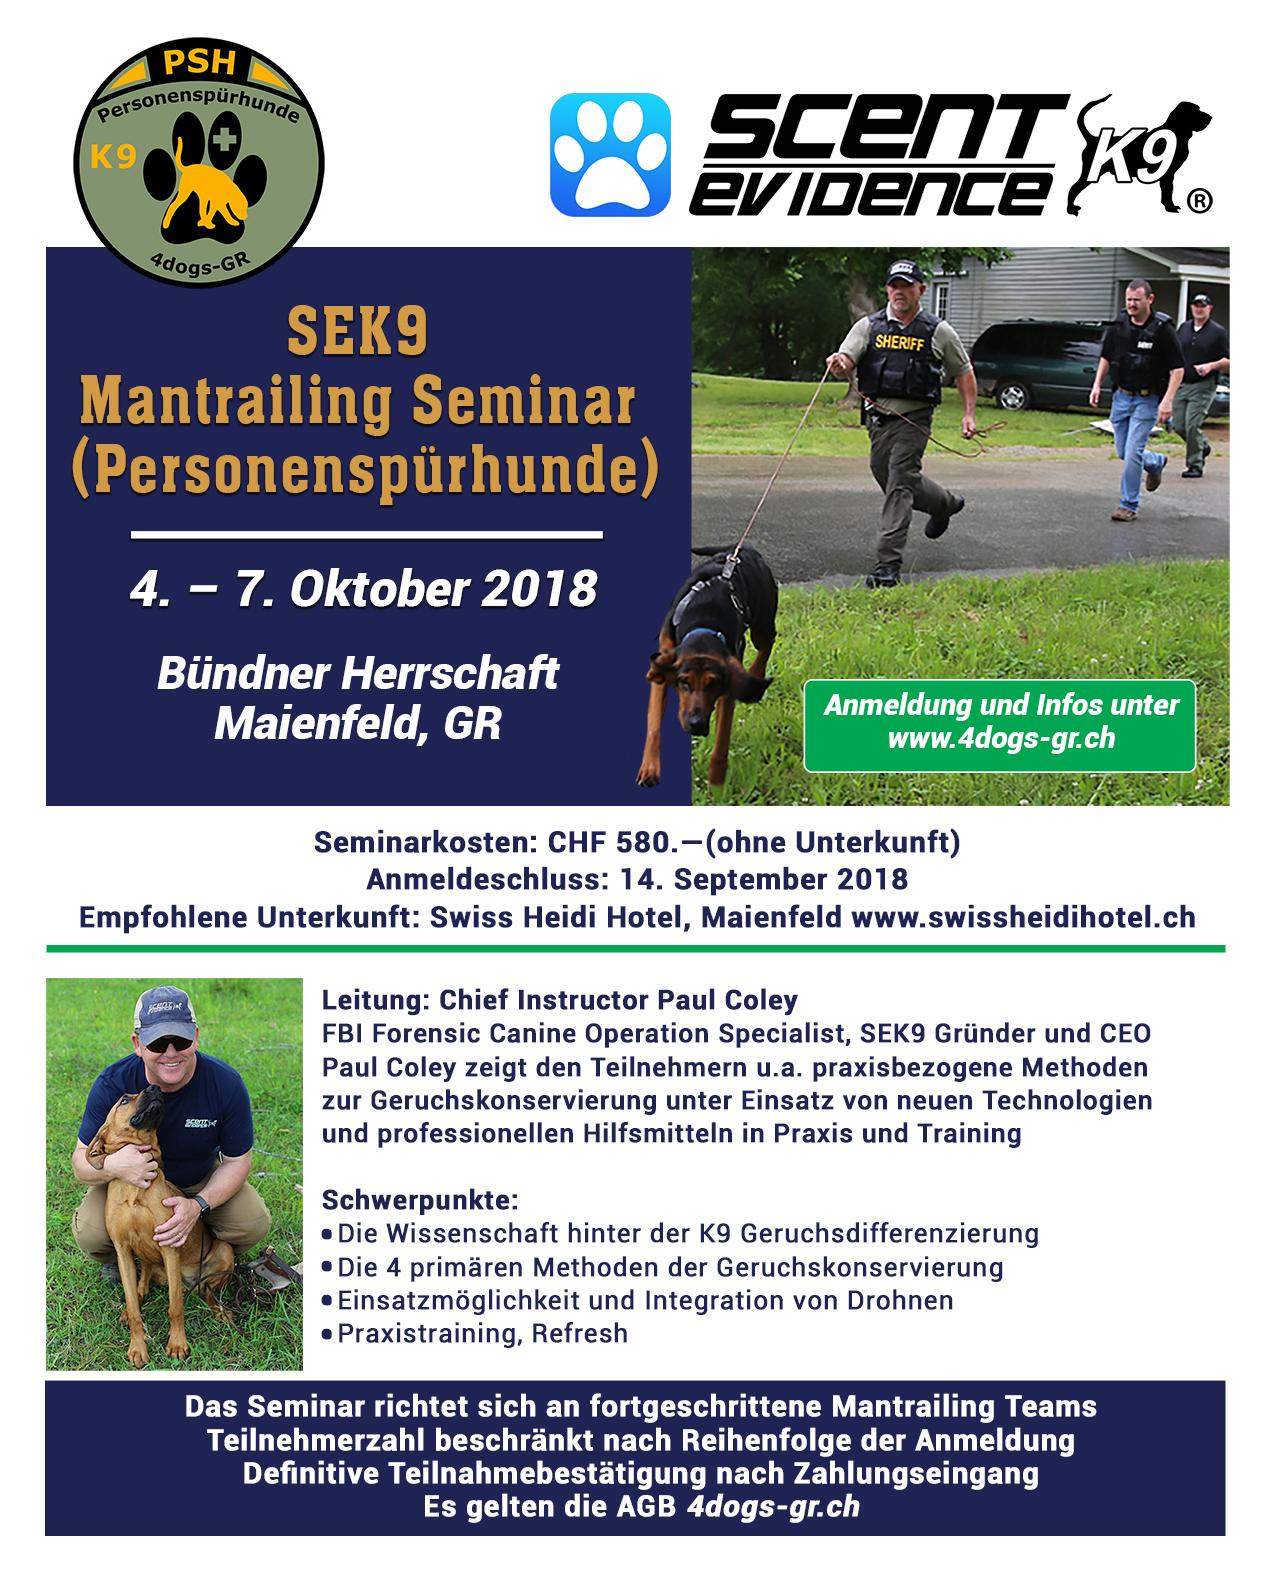 PSH SEK9 Mantrailing Seminar